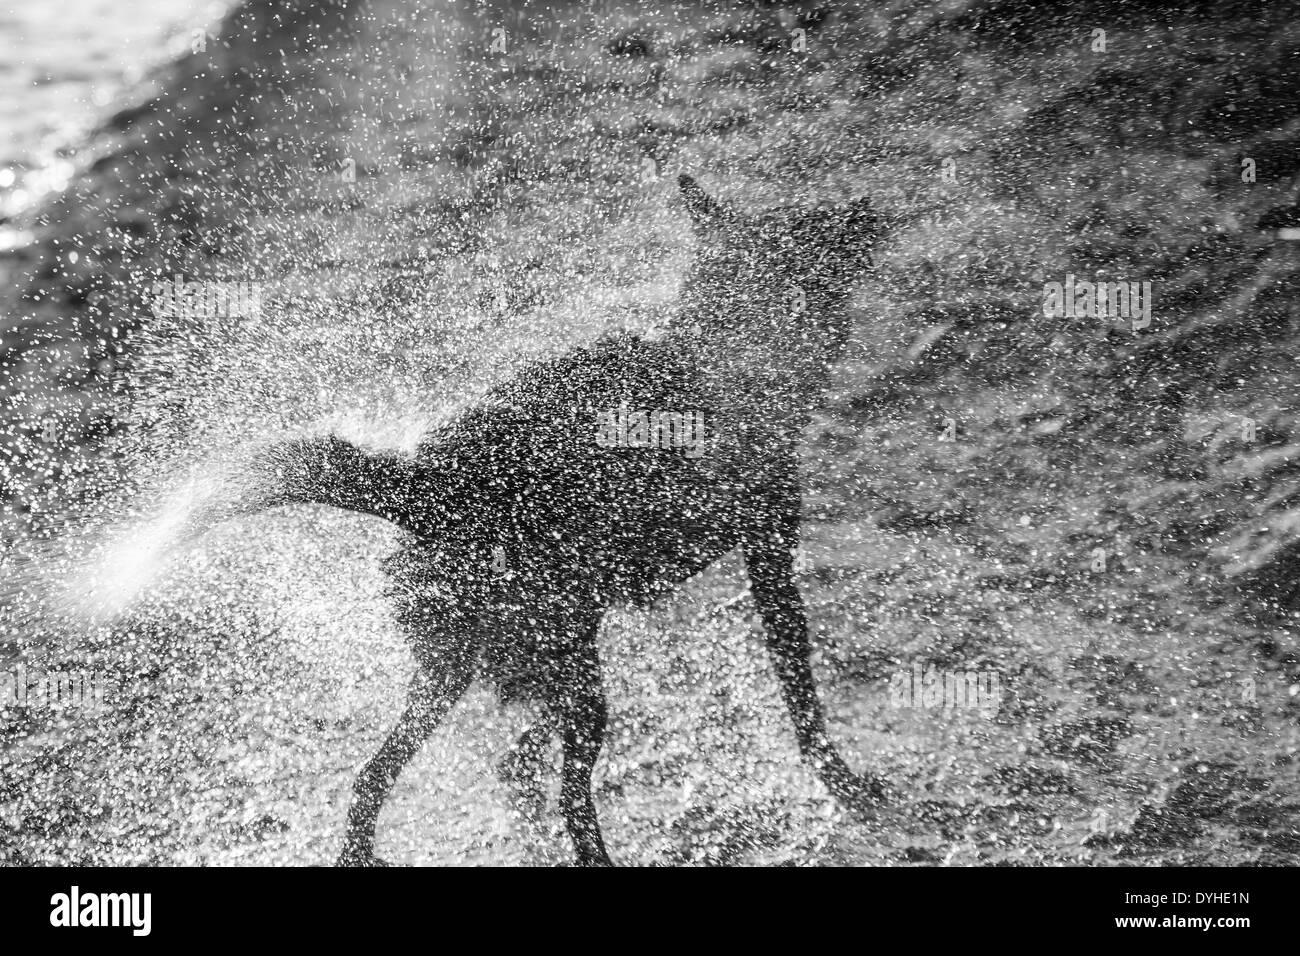 Dog shaking itself dry Stock Photo